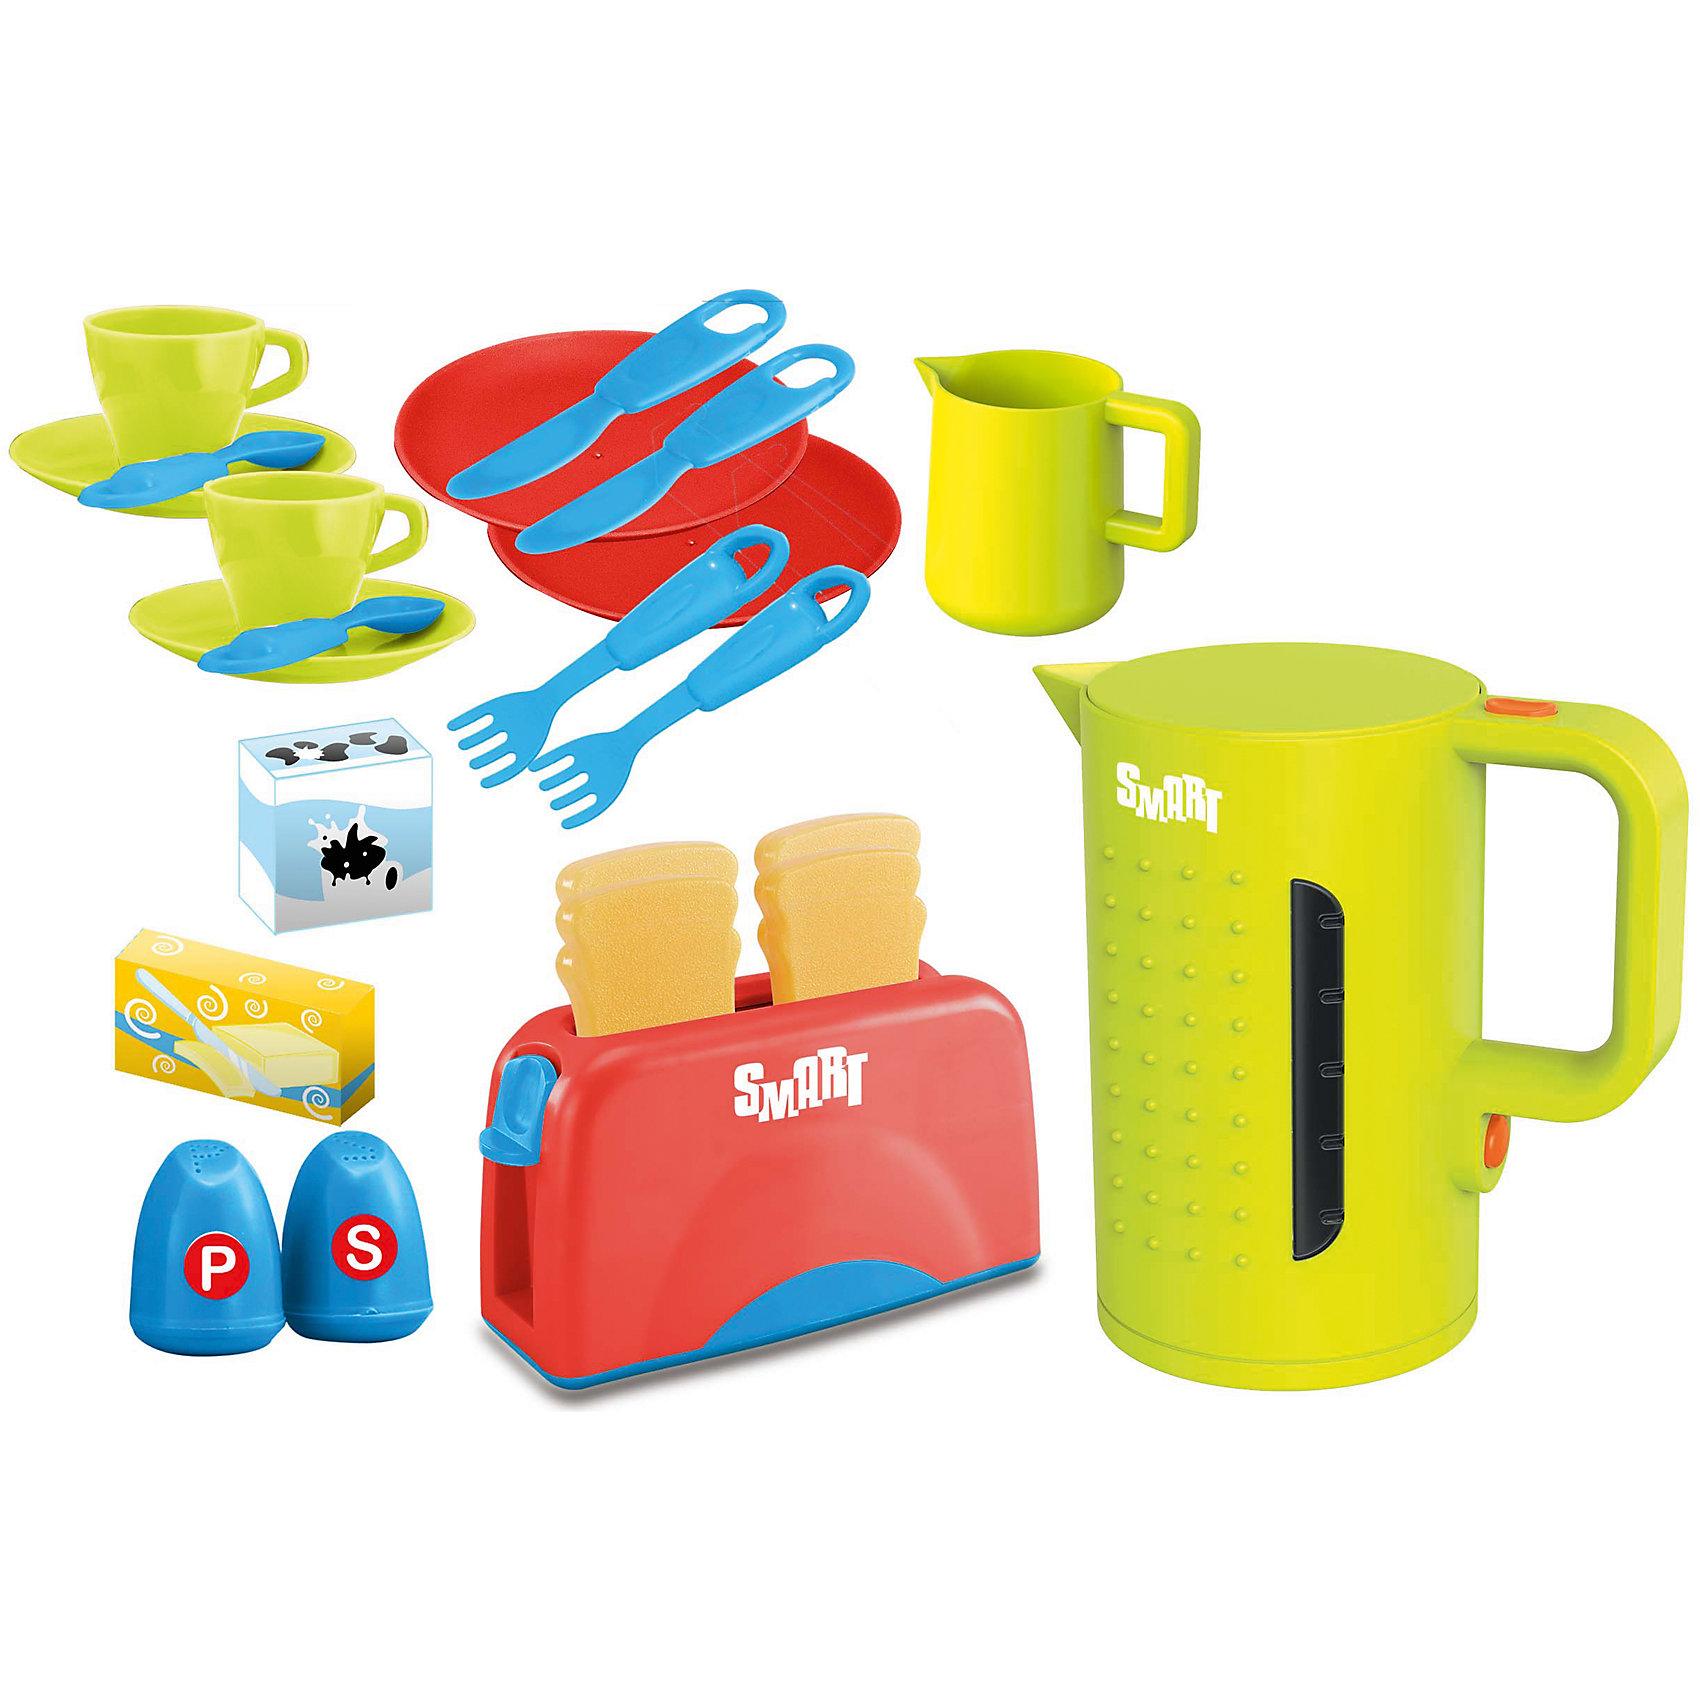 Набор для завтрака, 21 предмет, HTIИгрушечная бытовая техника<br>Характеристики товара:<br><br>• в комплекте: чайник, тостер, чашки, блюдца, ложки, ножи, вилки, молочник, перечница, солонка;<br>• световые и звуковые эффекты;<br>• материал: пластик, металл;<br>• батарейки: не входят в комплект;<br>• возраст: от 3-х лет;<br>• размер упаковки: 38х10х38 см;<br>• вес: 1 кг;<br>• страна бренда: Англия.<br><br>Набор для завтрака от английского бренда HTI содержит всё необходимое для приготовления вкусного завтрака друзьям и любимым игрушкам. В набор входят столовые приборы, посуда, чайник и тостер. Набор рассчитан на две персоны.<br><br>Чайник и тостер со световыми и звуковыми эффектами придадут игре реалистичности. Приборы оснащены небольшими кнопками, которые помогут ребенку разобраться с принципом включения и выключения бытовой техники.<br><br>Набор для завтрака, 21 предмет, HTI (Хти) можно купить в нашем интернет-магазине.<br><br>Ширина мм: 380<br>Глубина мм: 100<br>Высота мм: 380<br>Вес г: 1000<br>Возраст от месяцев: 36<br>Возраст до месяцев: 144<br>Пол: Унисекс<br>Возраст: Детский<br>SKU: 6893354